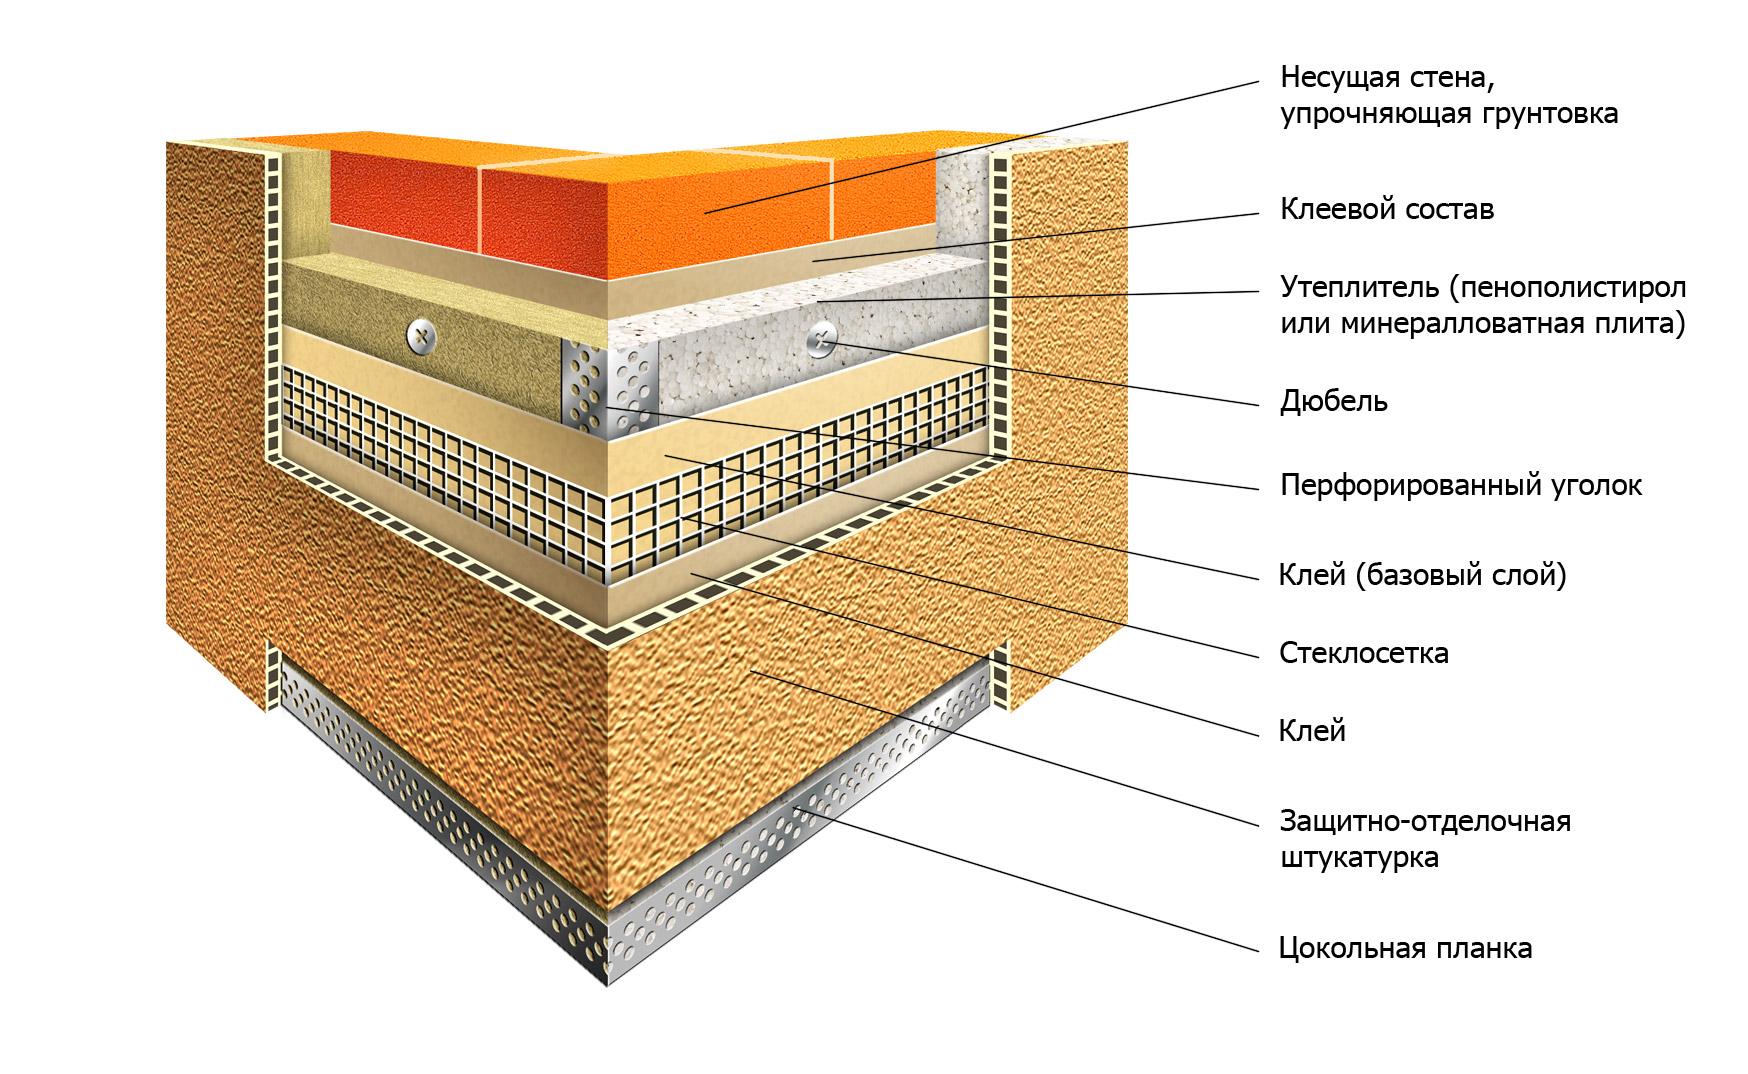 Схемы утепления плитами